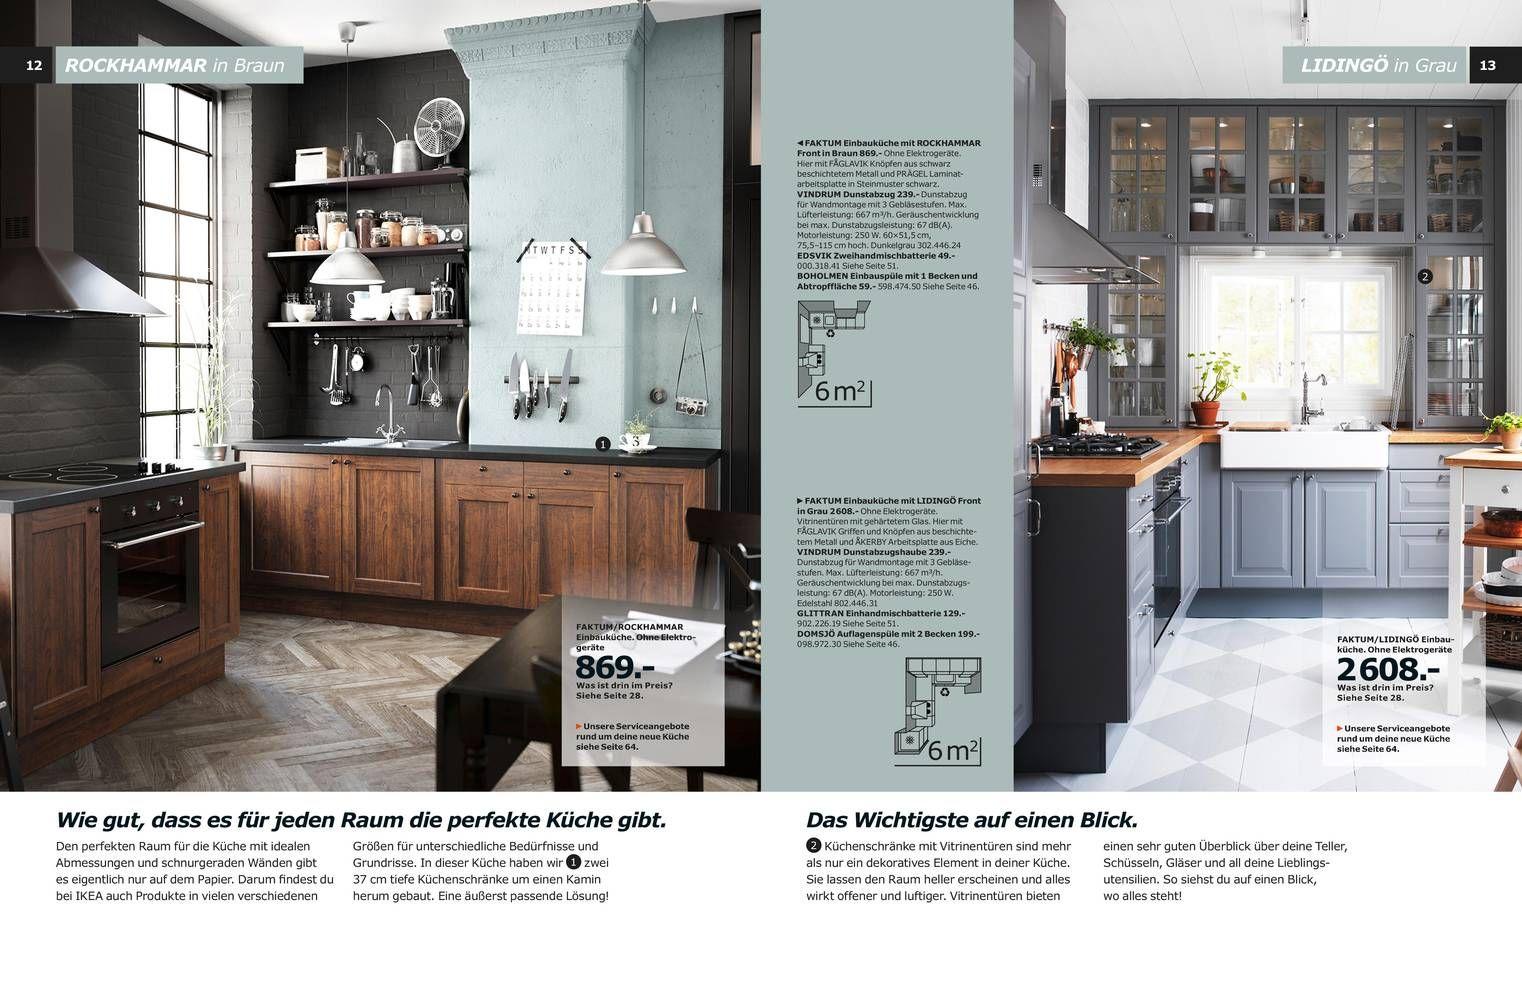 Ziemlich Ideen Nachbearbeiten Küchenschränke Zeitgenössisch - Ideen ...